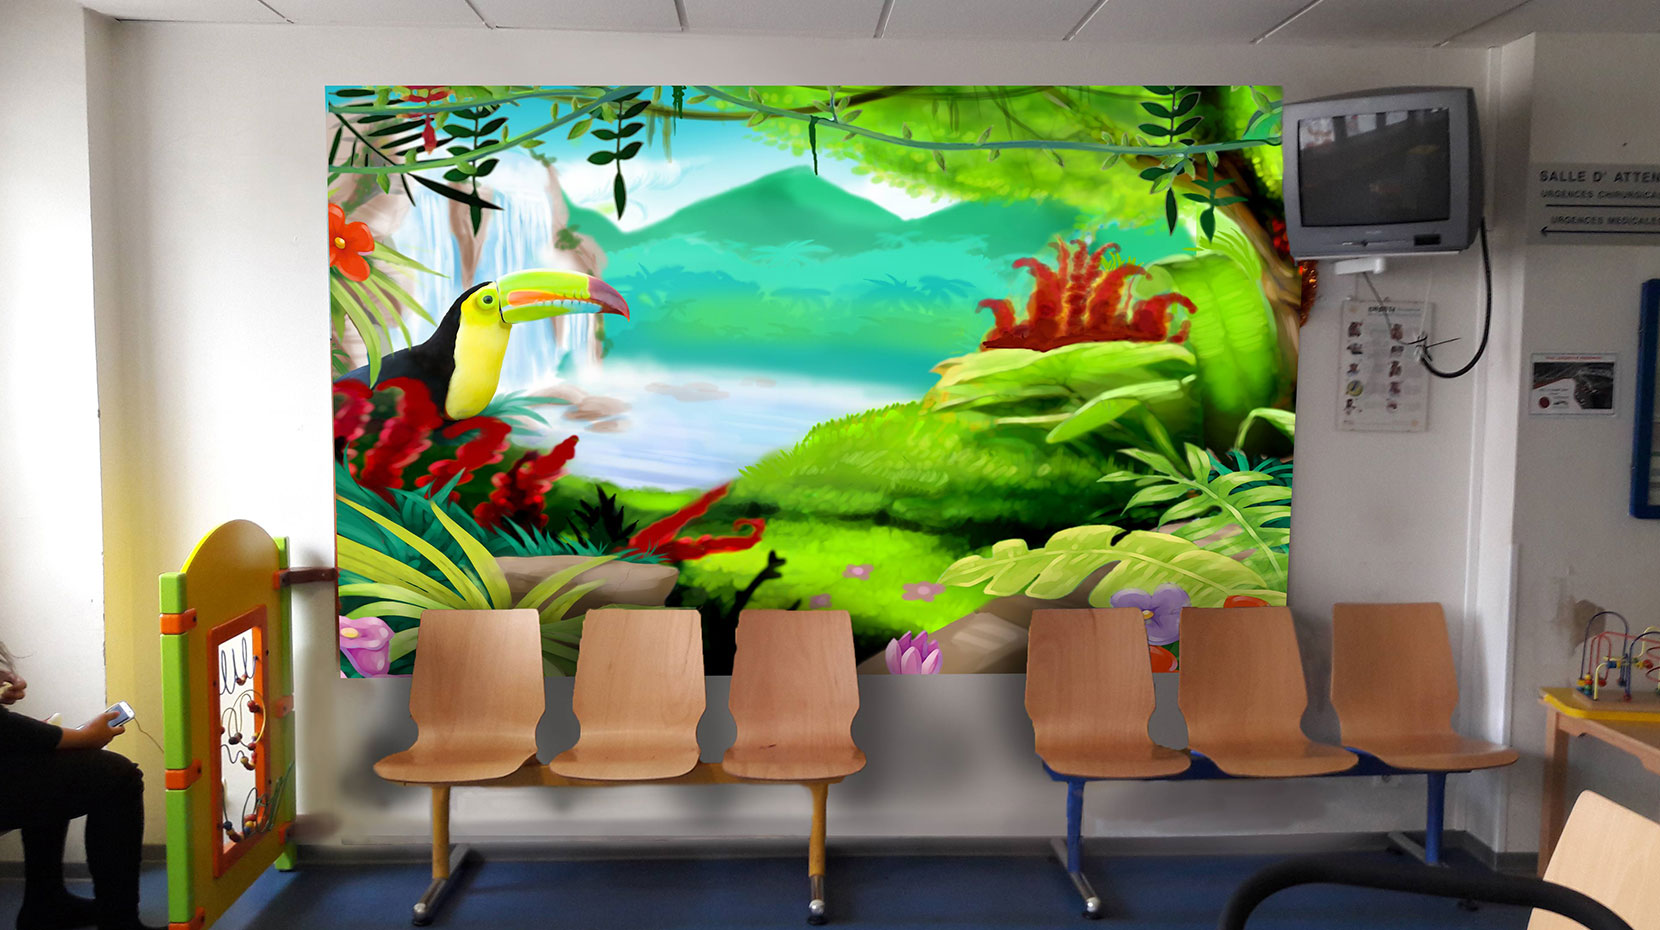 Visuel pour Urgences pédiatriques hautepierre – Strasbourg